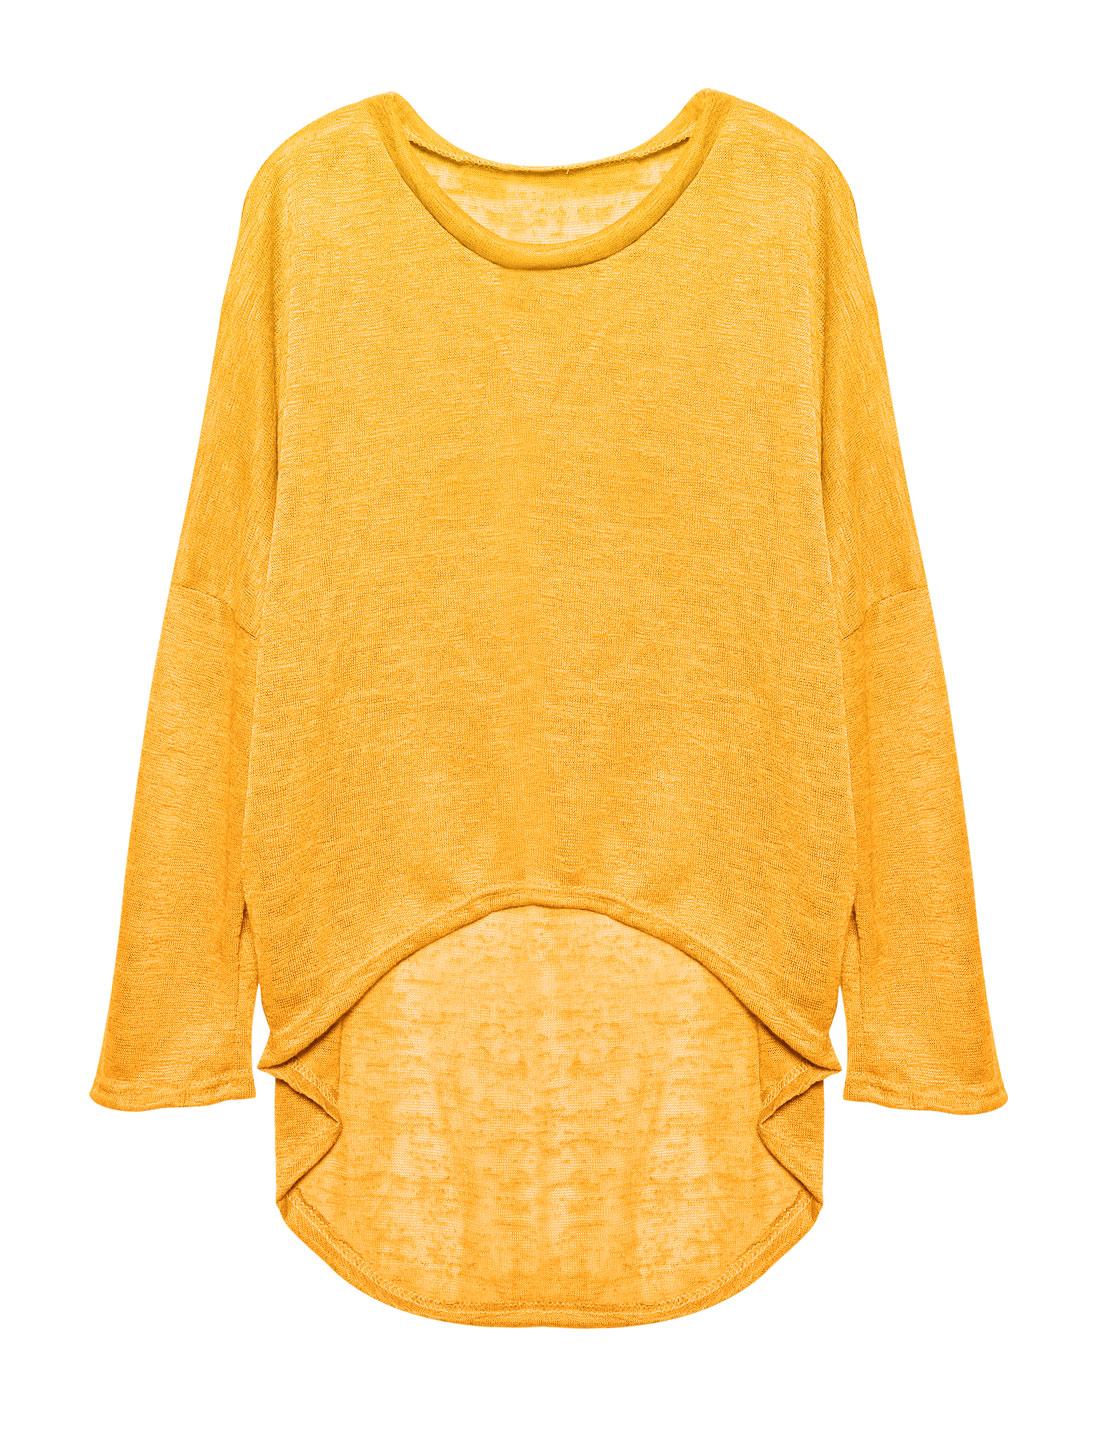 Ladies Hi-Lo See Through Loose Dolman Knit Shirt Yellow S